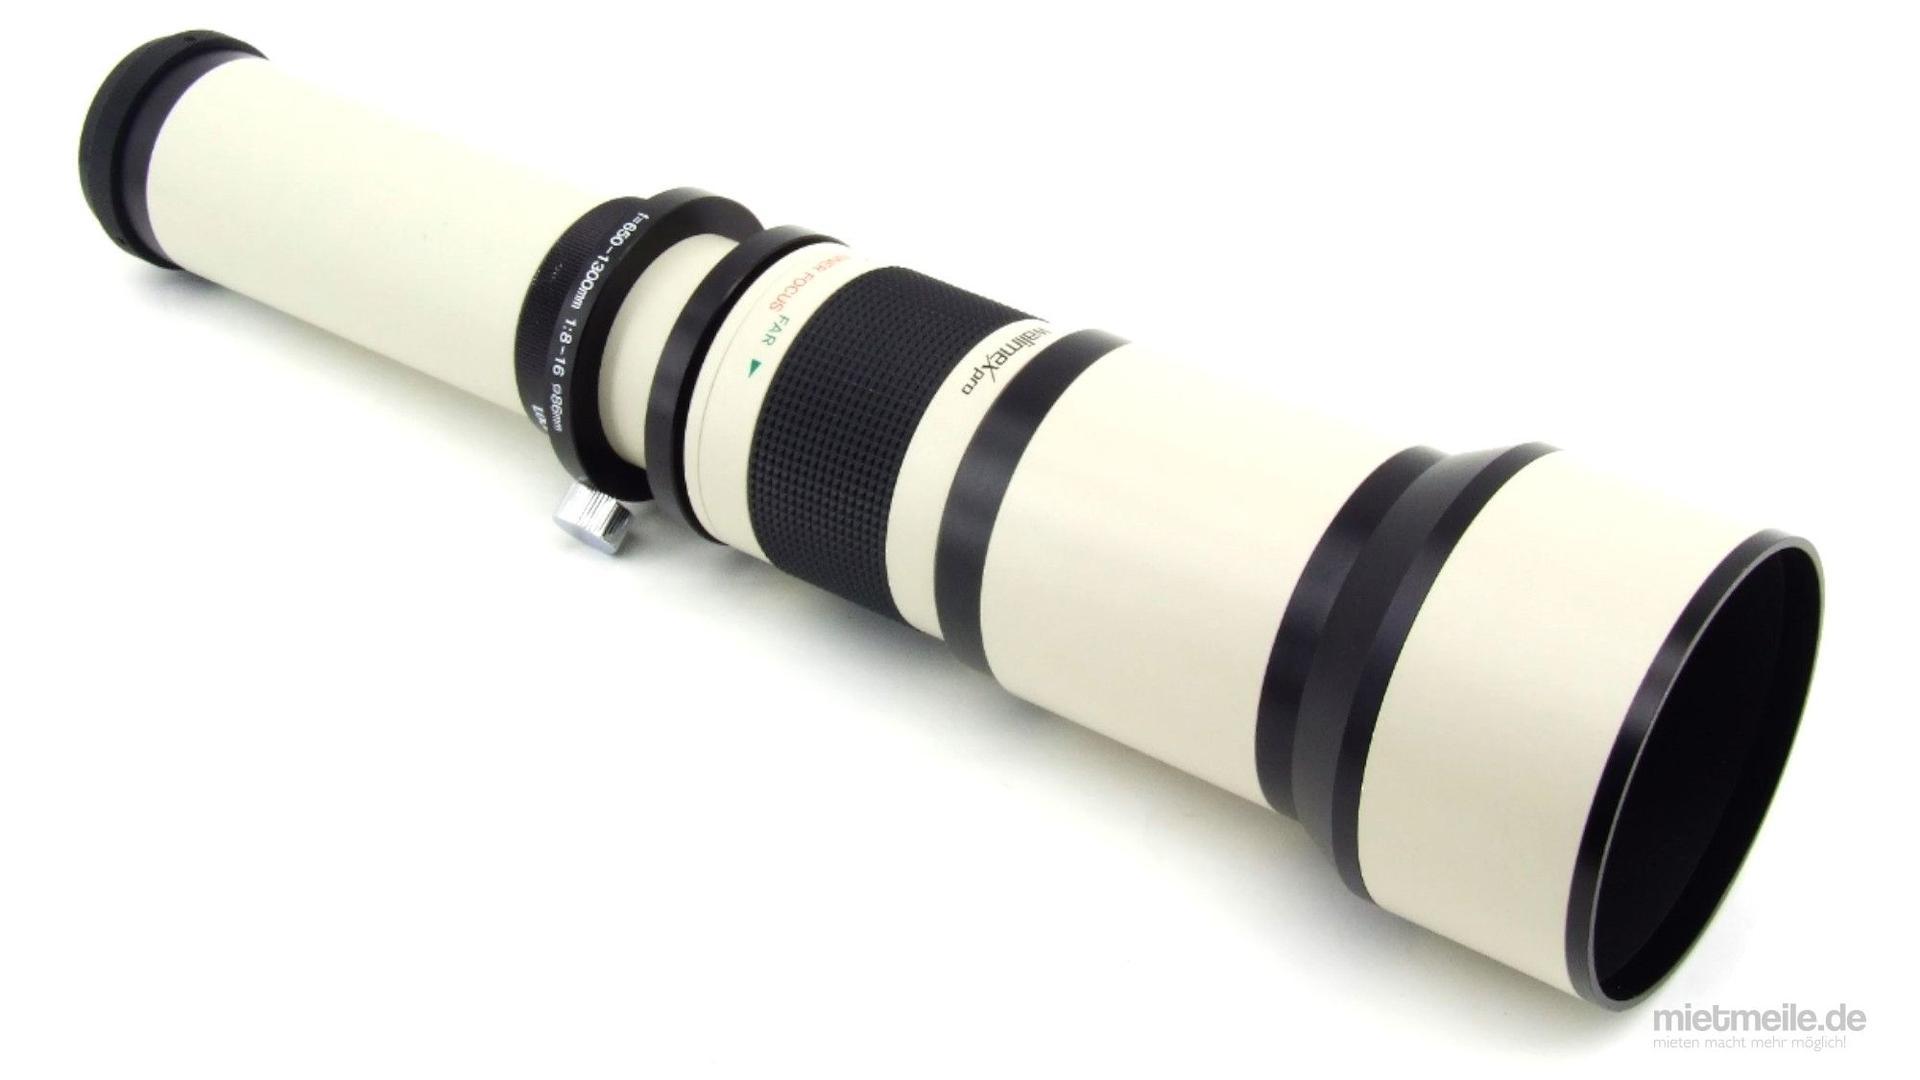 Objektive mieten & vermieten - Tele-Objektiv Zoom 650-1300mm Canon EF EOS in Schkeuditz